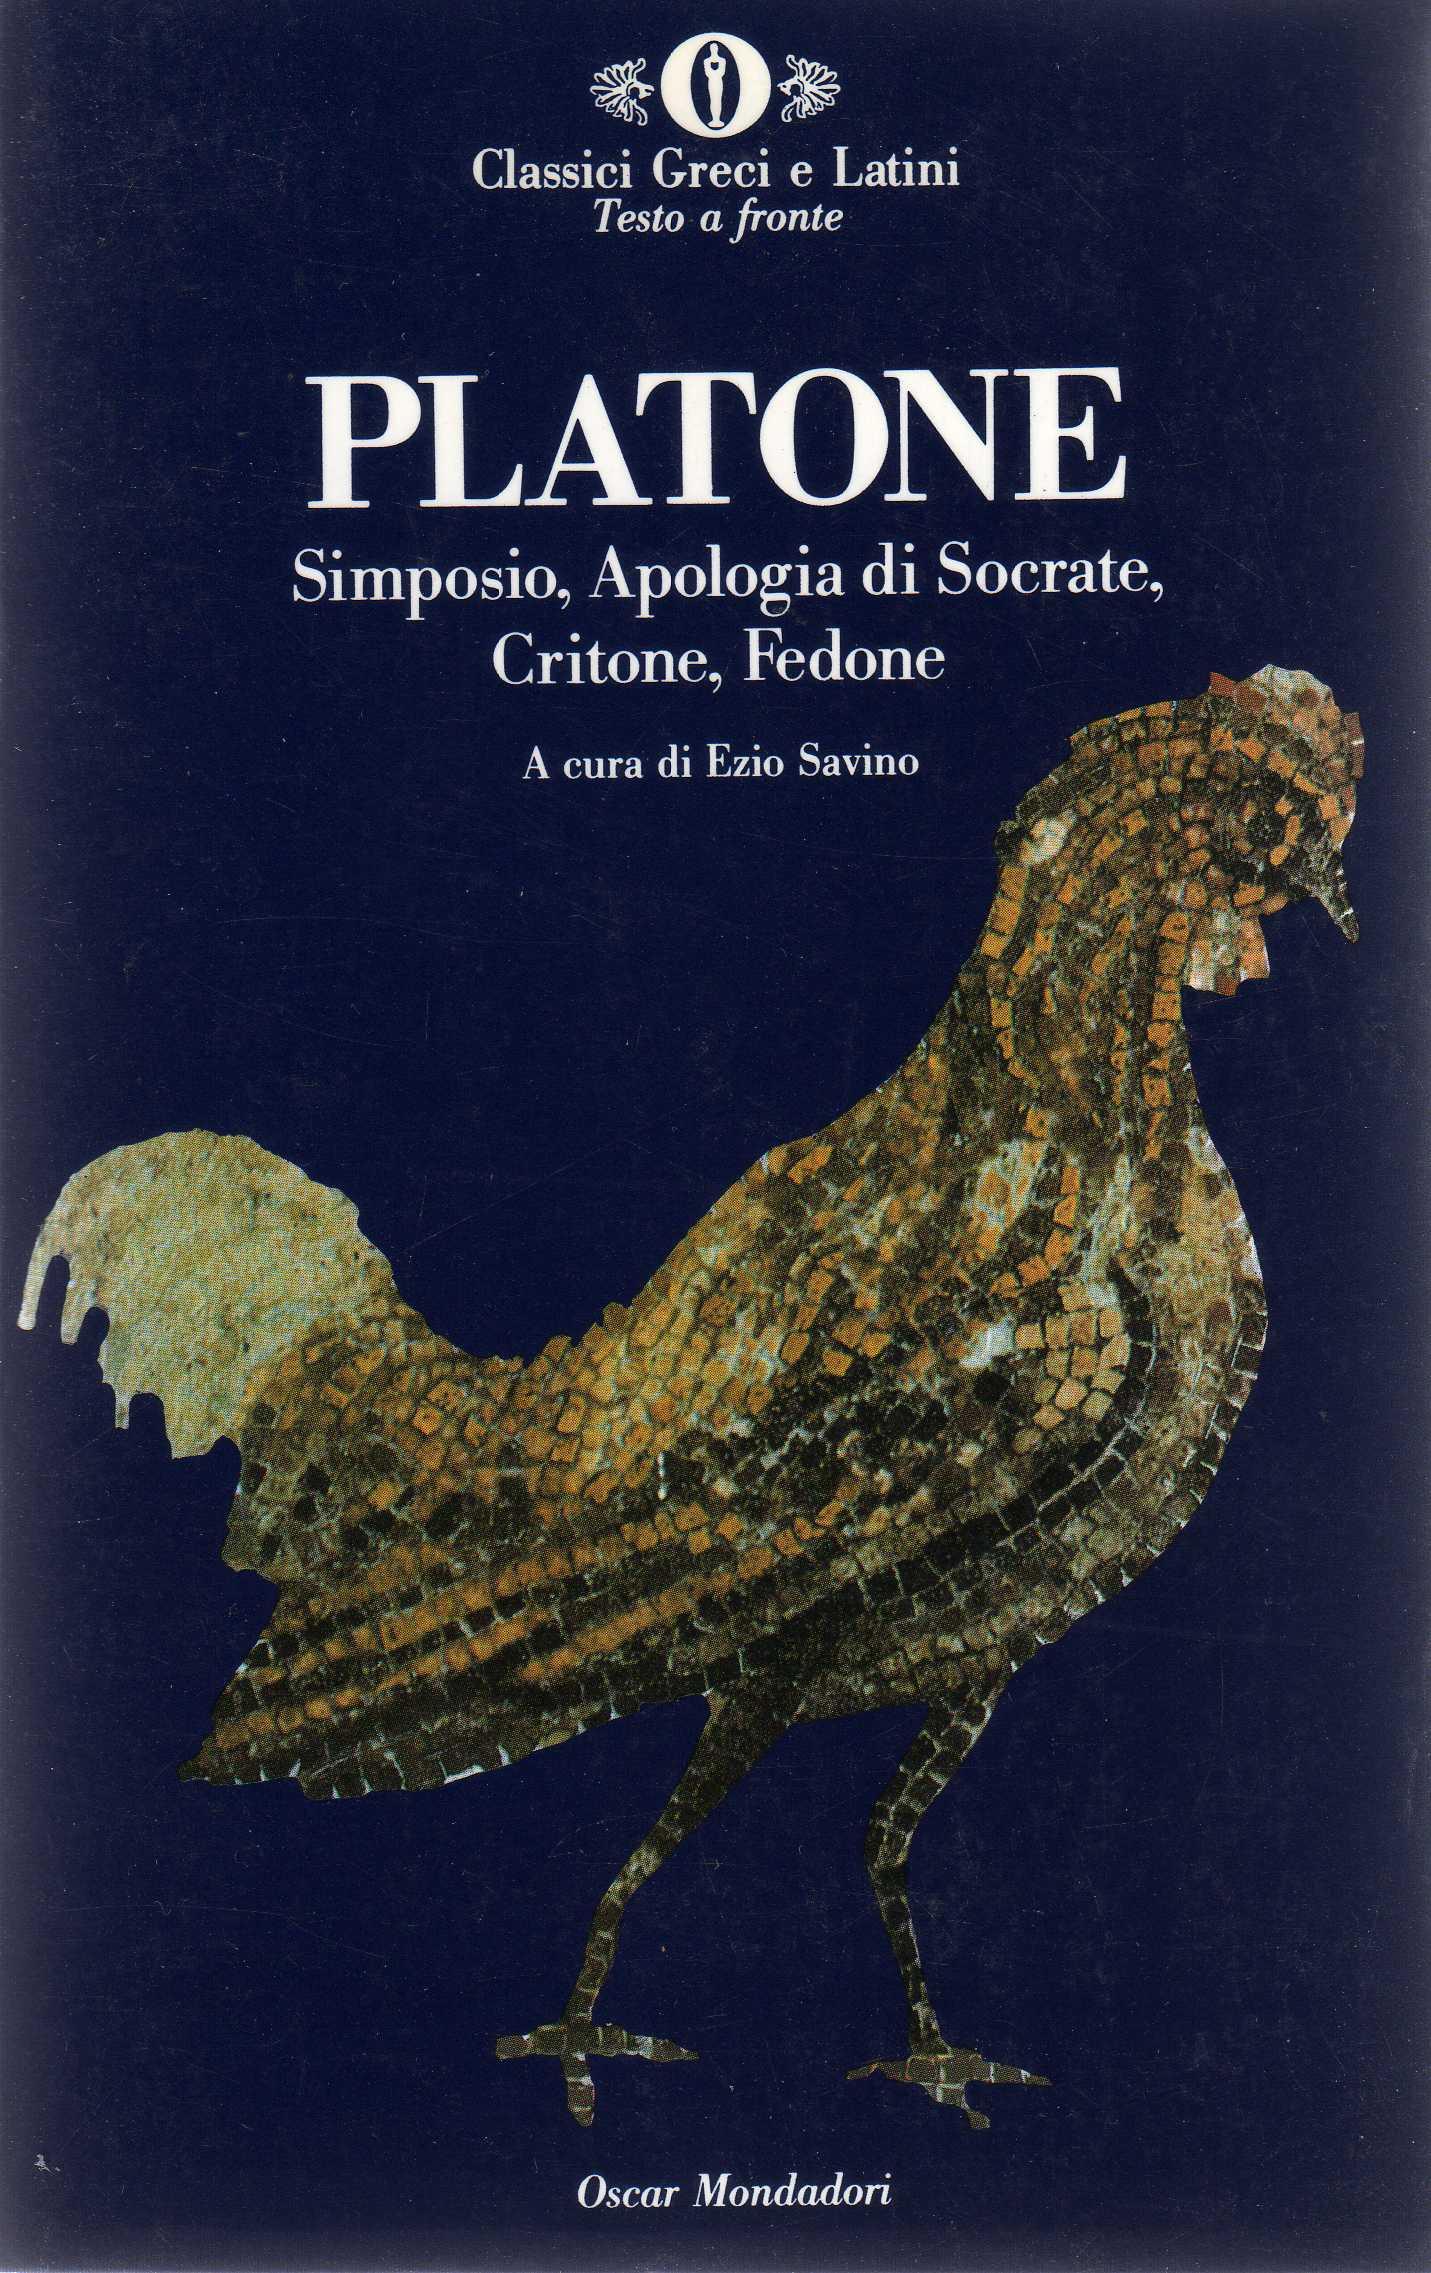 Simposio, Apologia di Socrate, Critone, Fedone